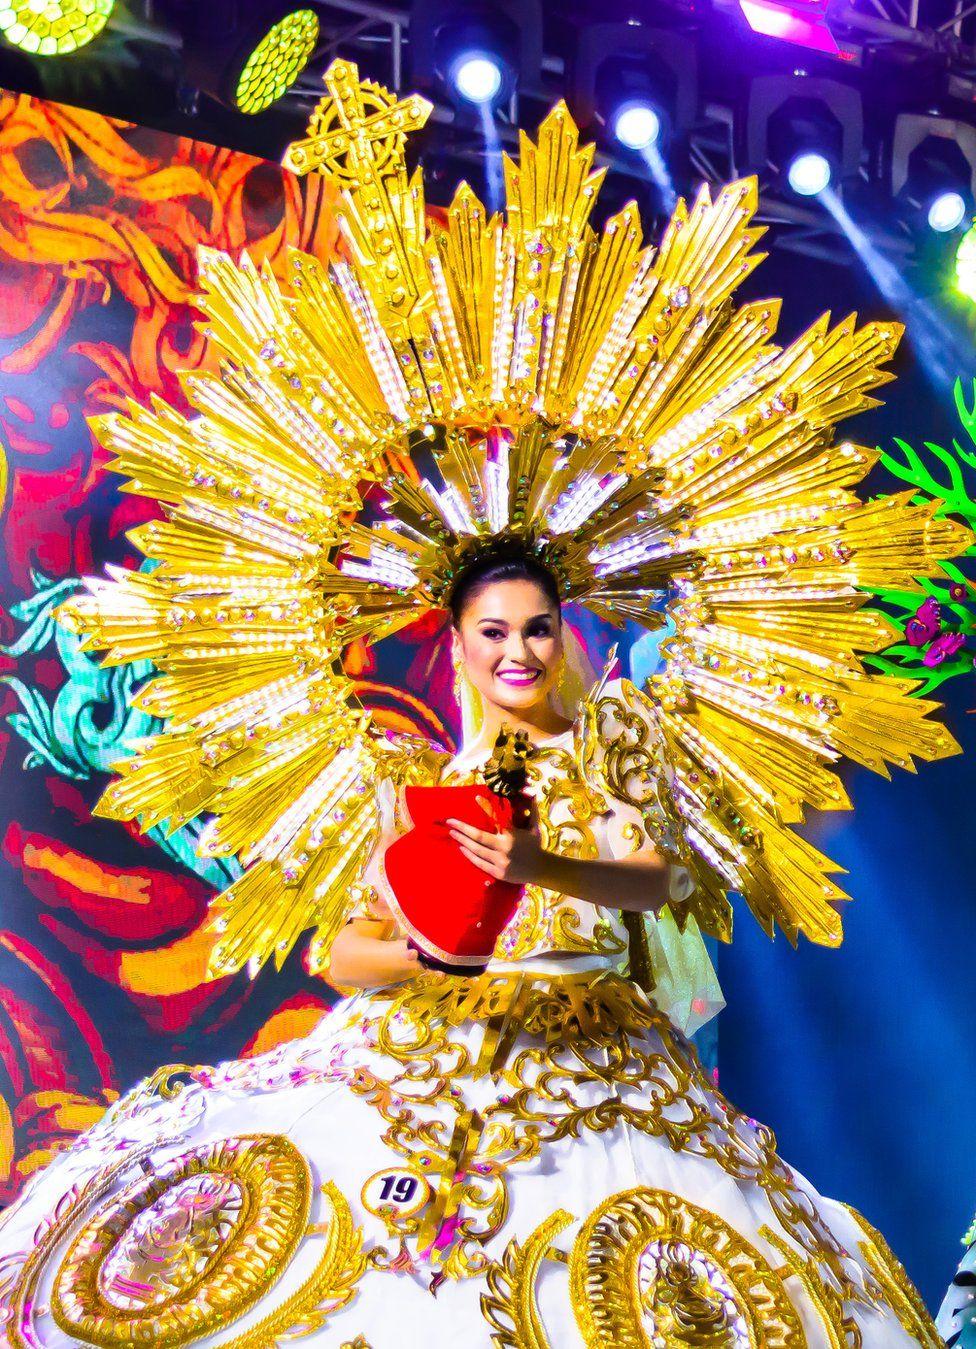 A woman in carnival dress